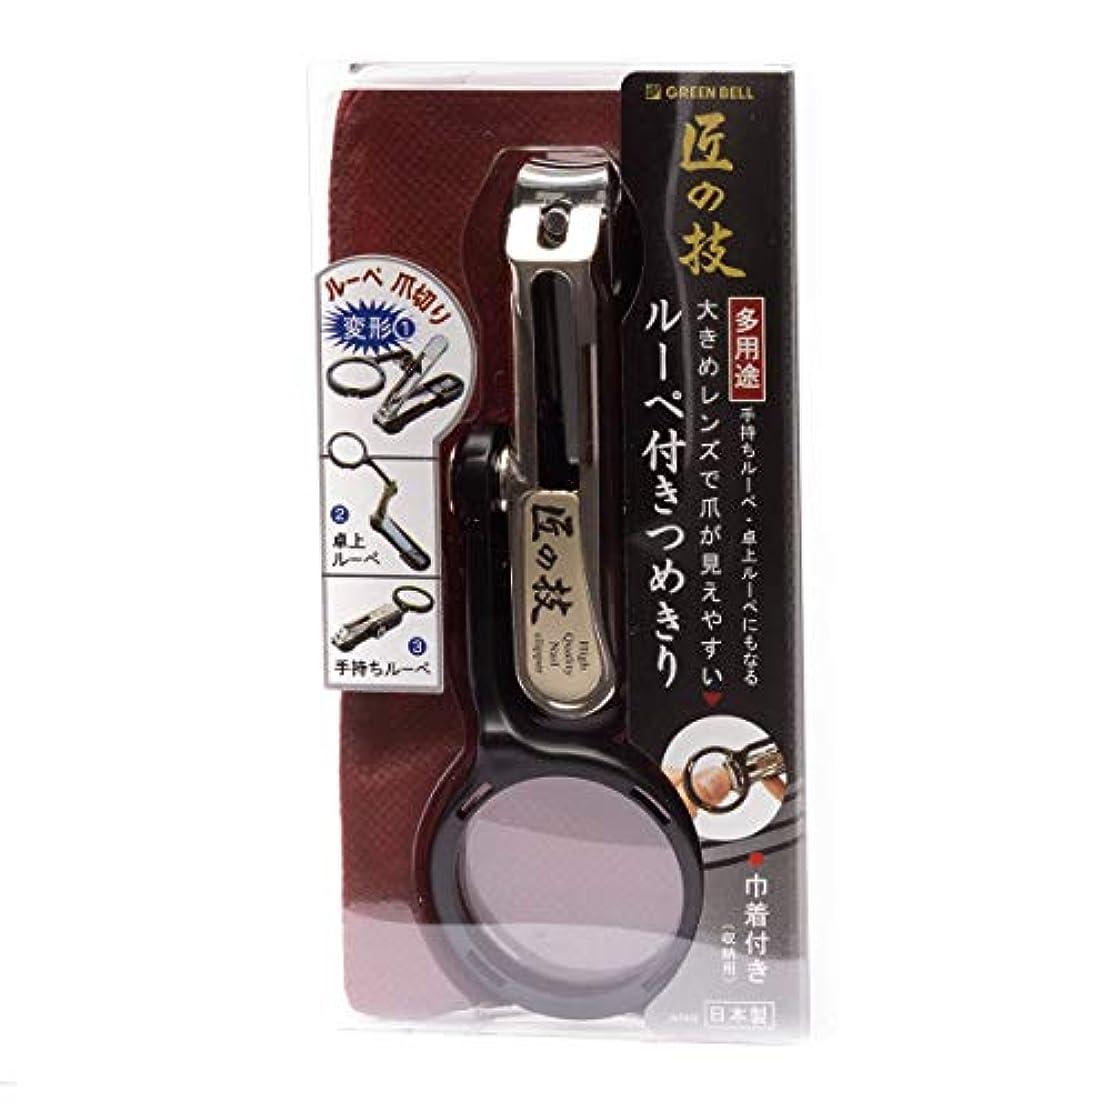 おじさん足首アシストMIDI-ミディ 匠の技 ルーペ付き つめきり 黒 メガネ拭き セット (p-880123,p-k0055)